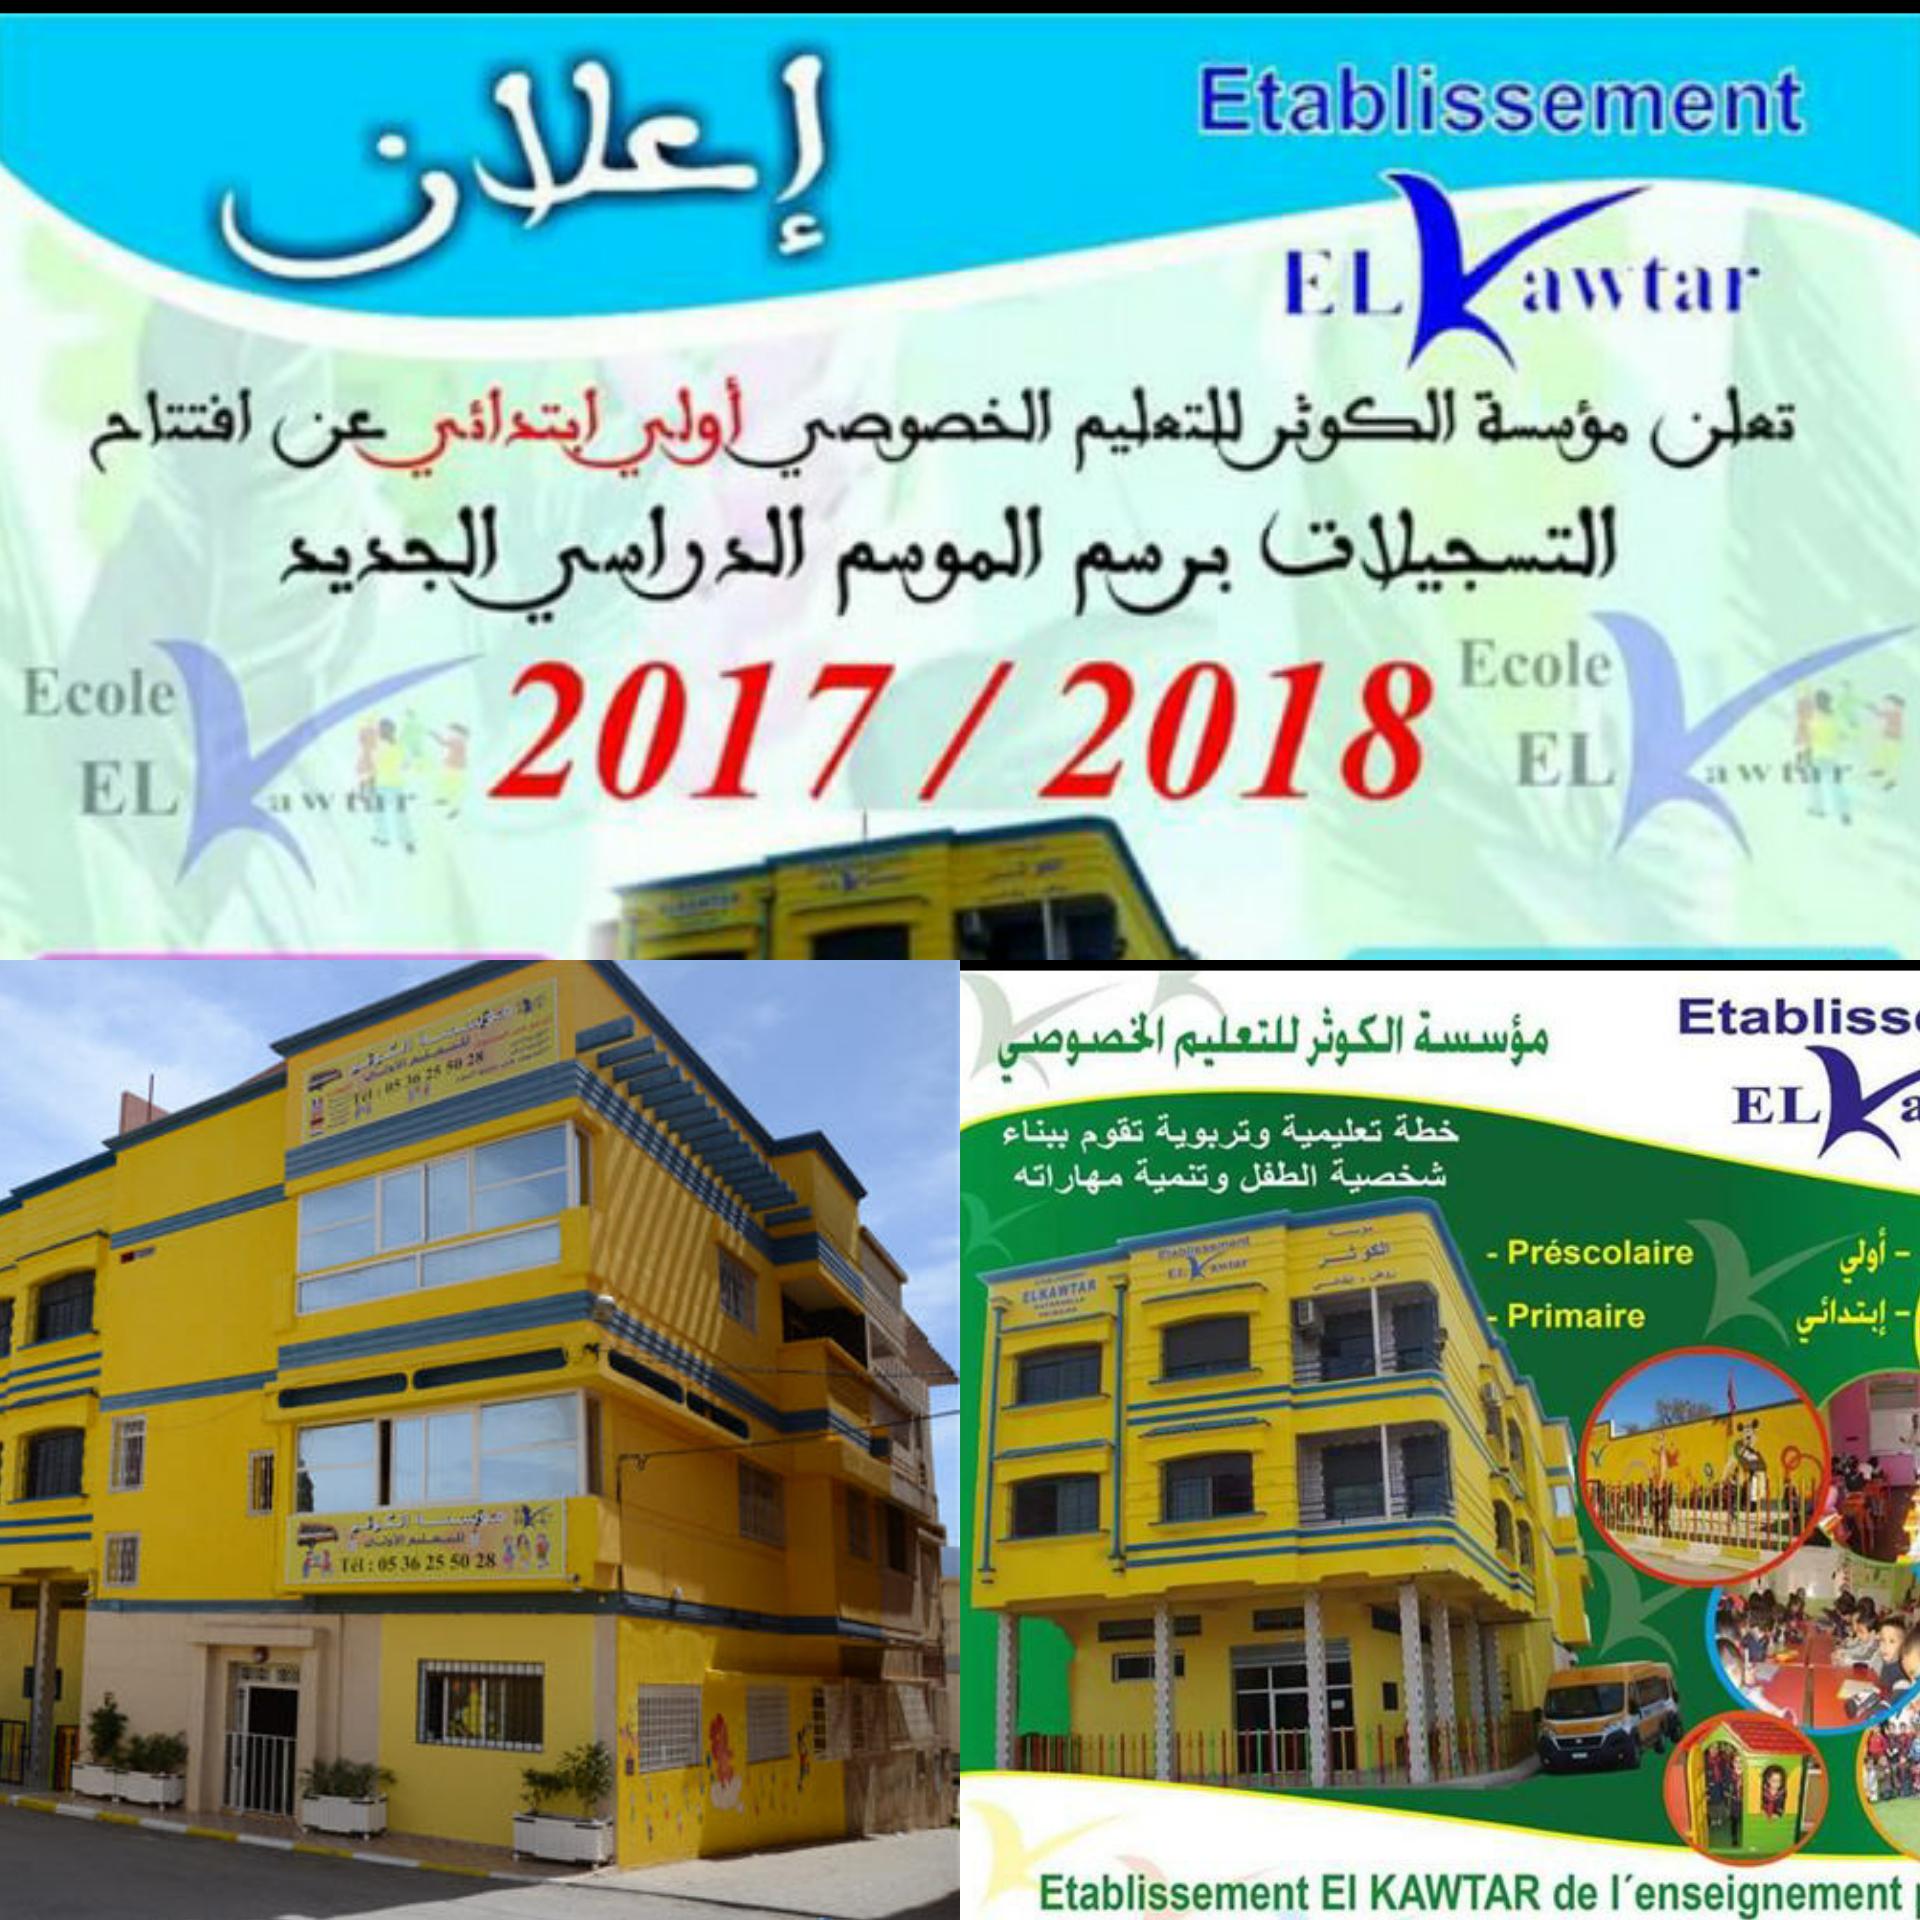 مؤسسة الكوثر للتعليم الخصوصي بسيدي سليمان شراعة بركان تعلن عن افتتاح موسم التسجيل 2018-2017